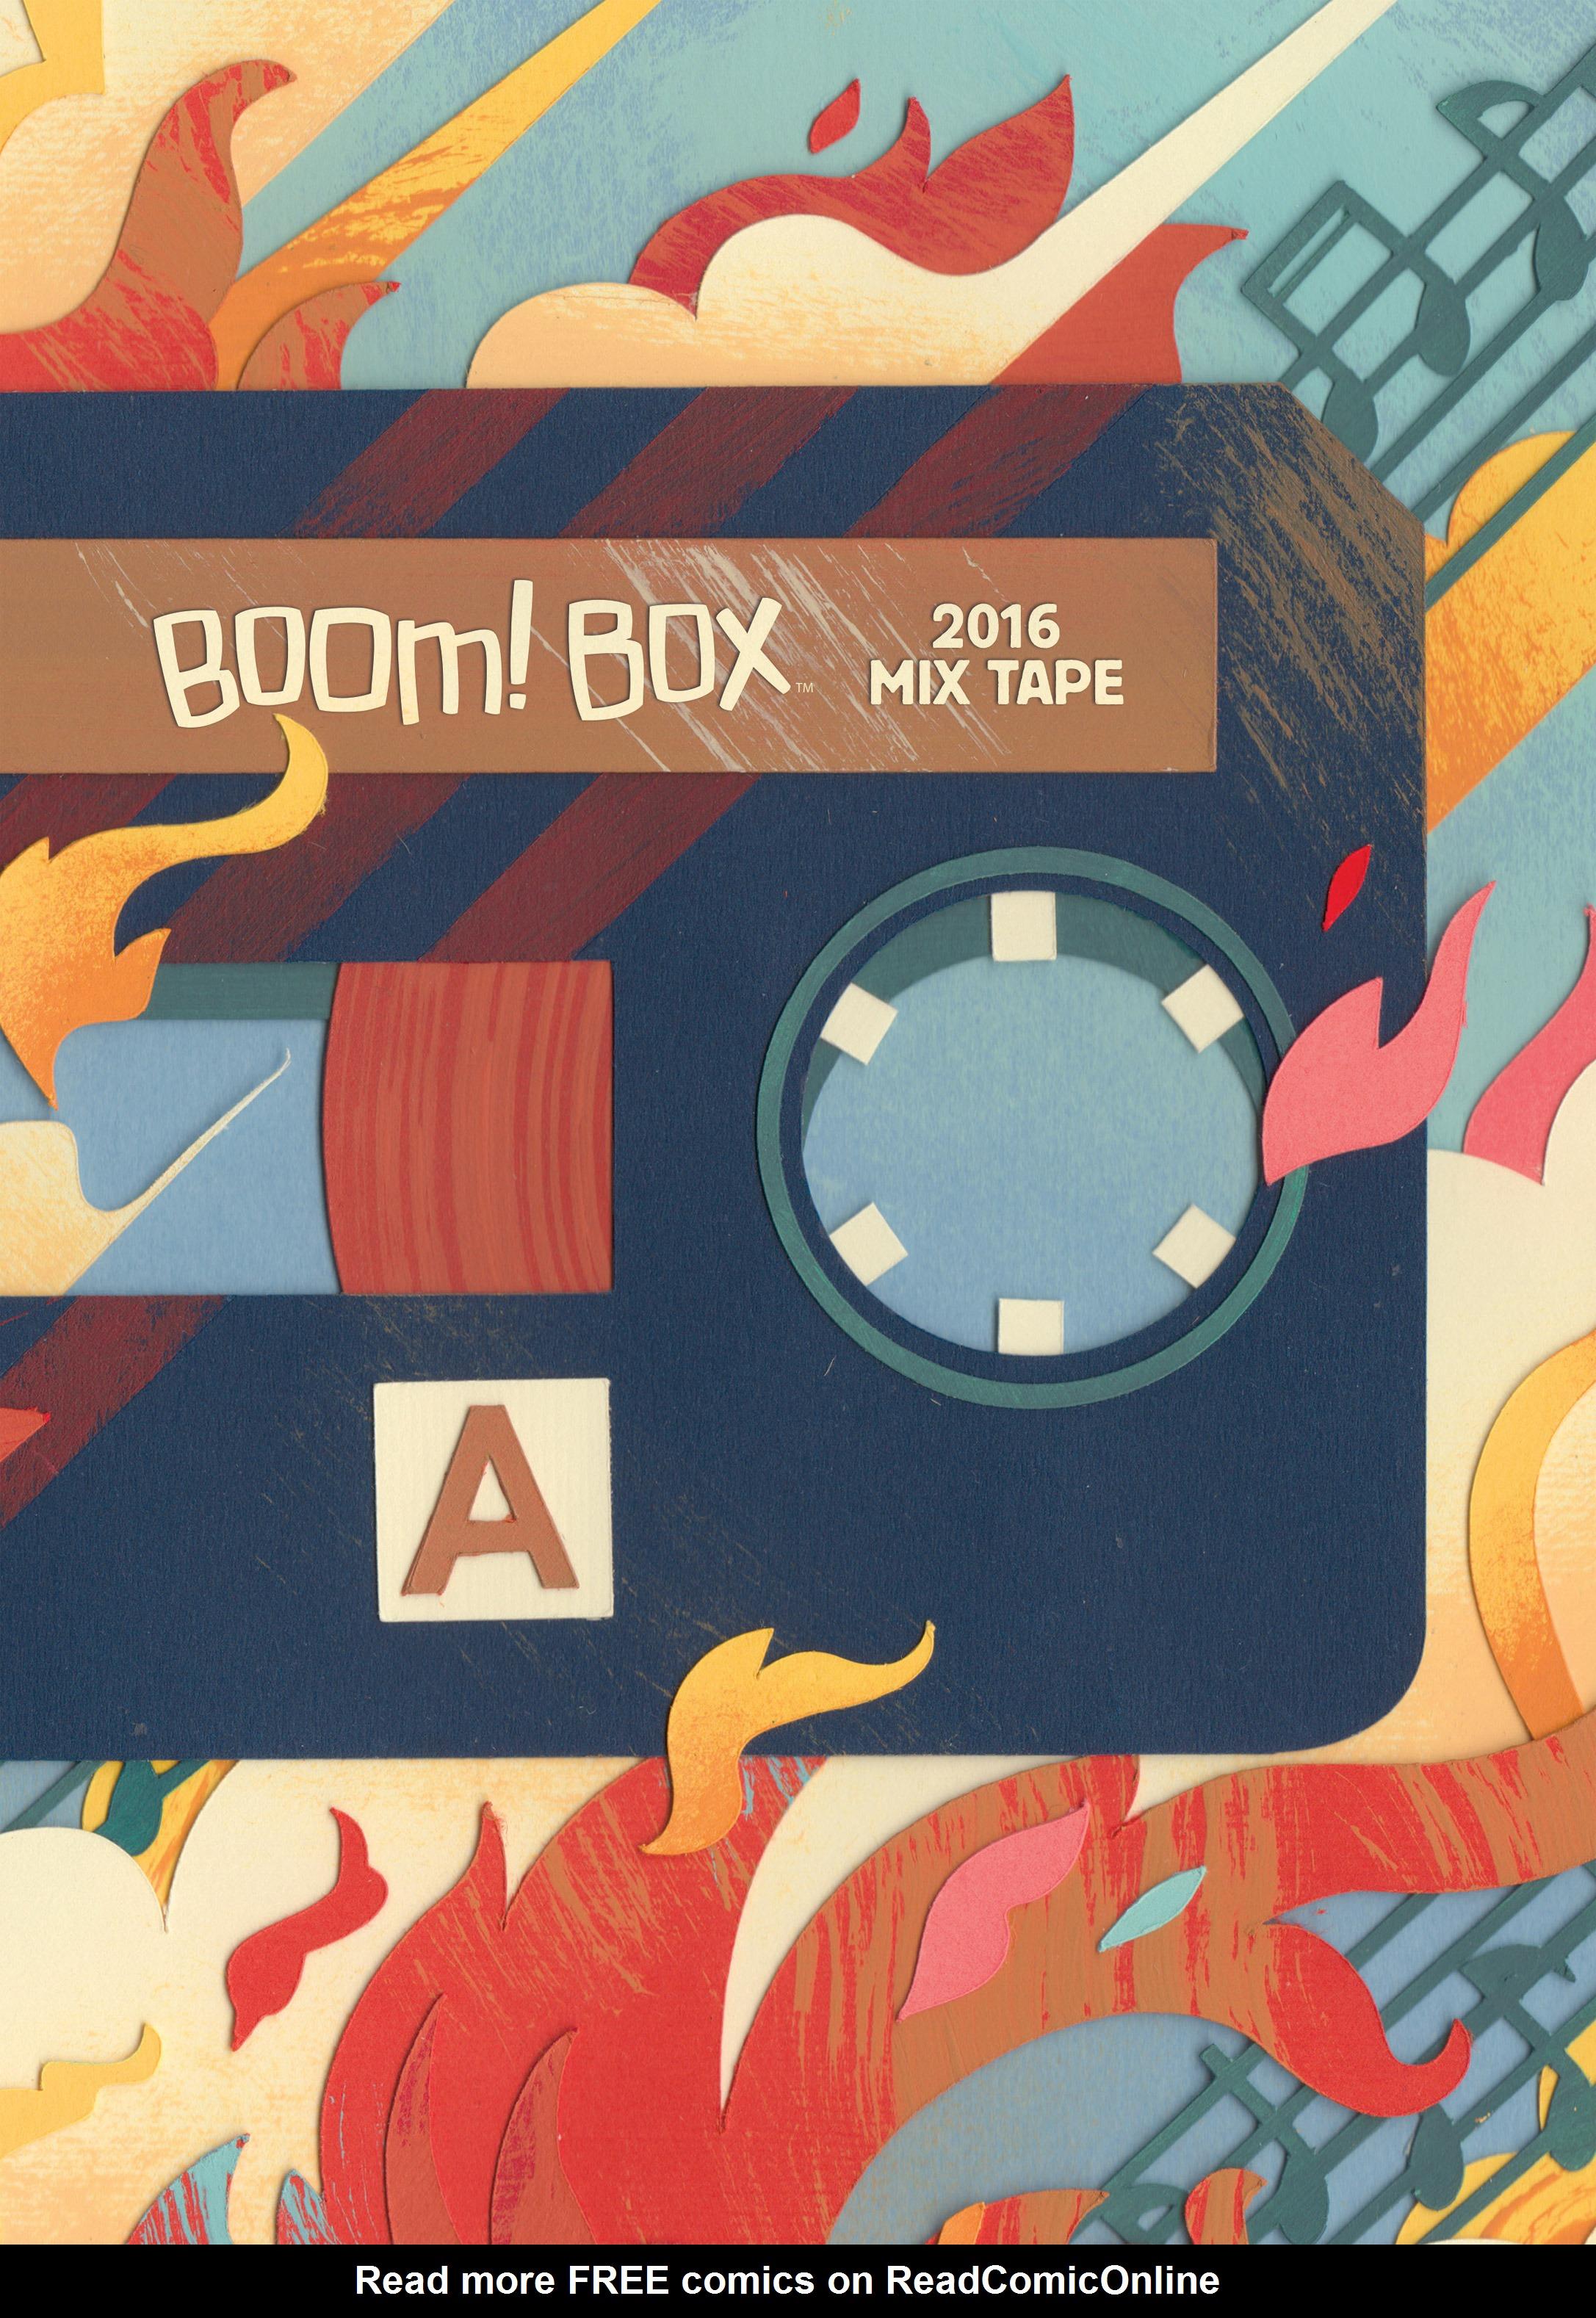 BOOM Box 2016 Mix Tape Full